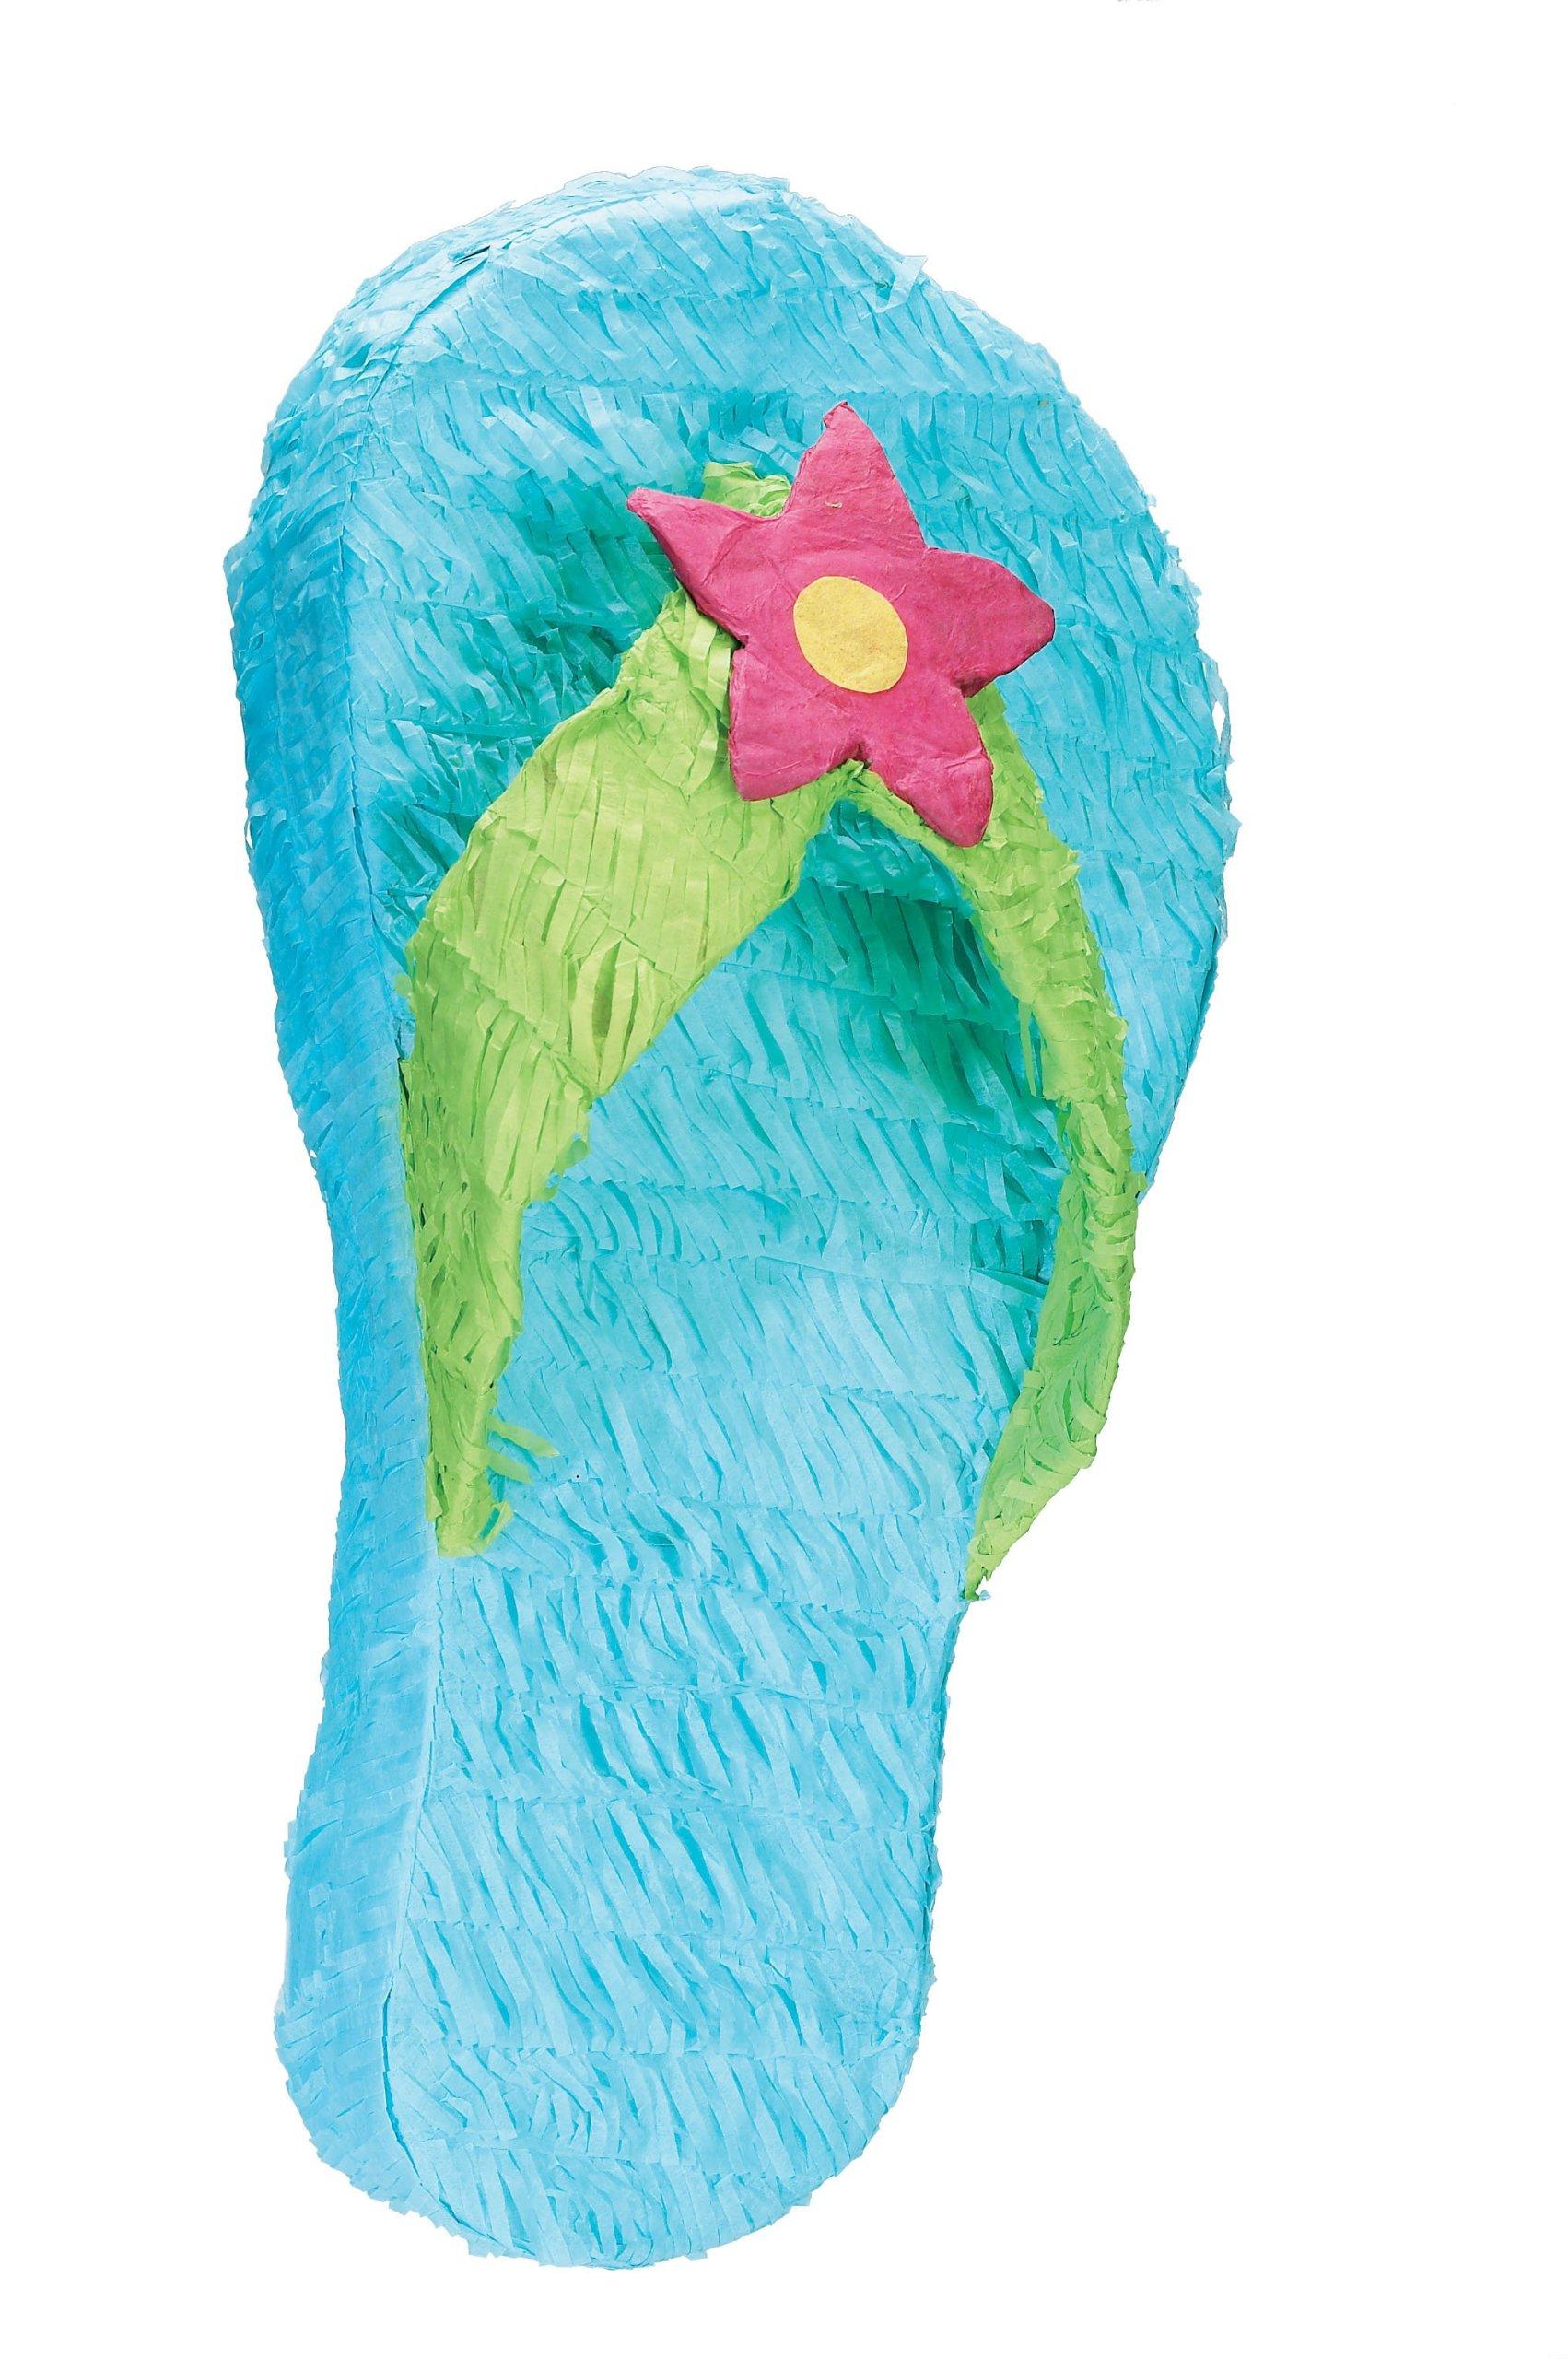 YA OTTA PINATA 30221 Sandal Pinata - paper by Ya Otta Pinata